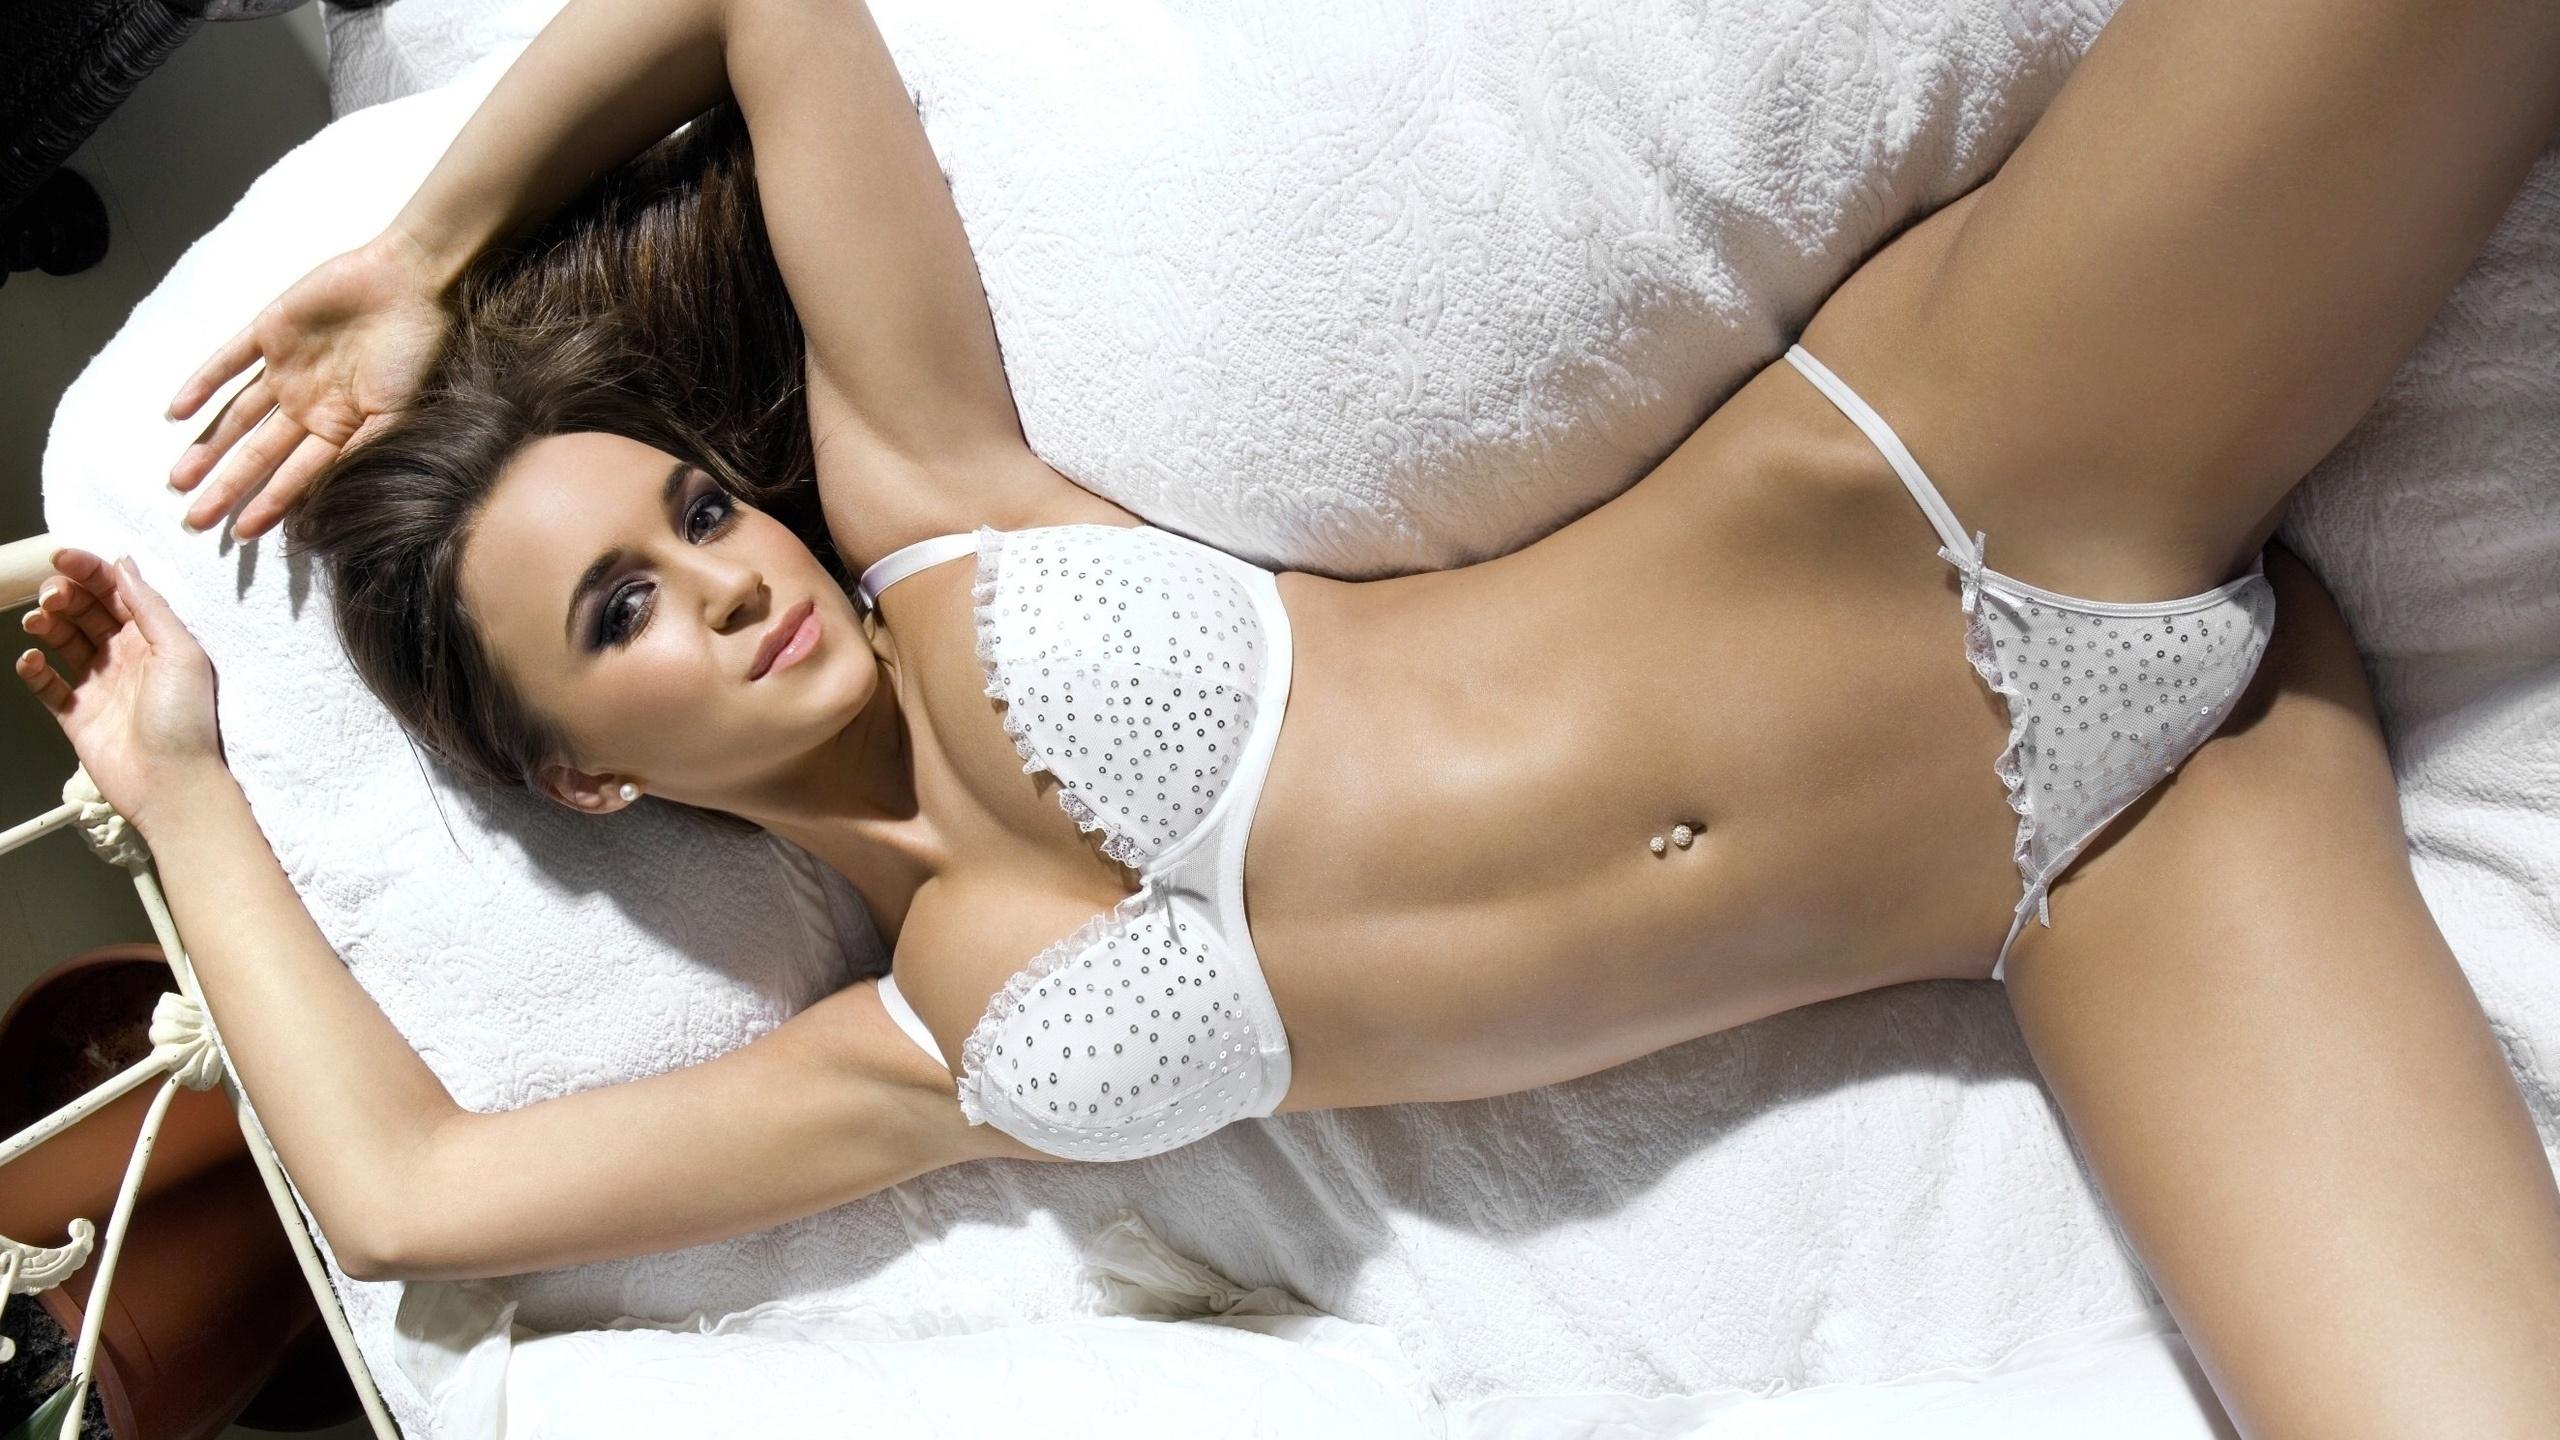 sex-gerls-hot-celebrity-porn-celeb-fakes-sarah-michelle-gellar